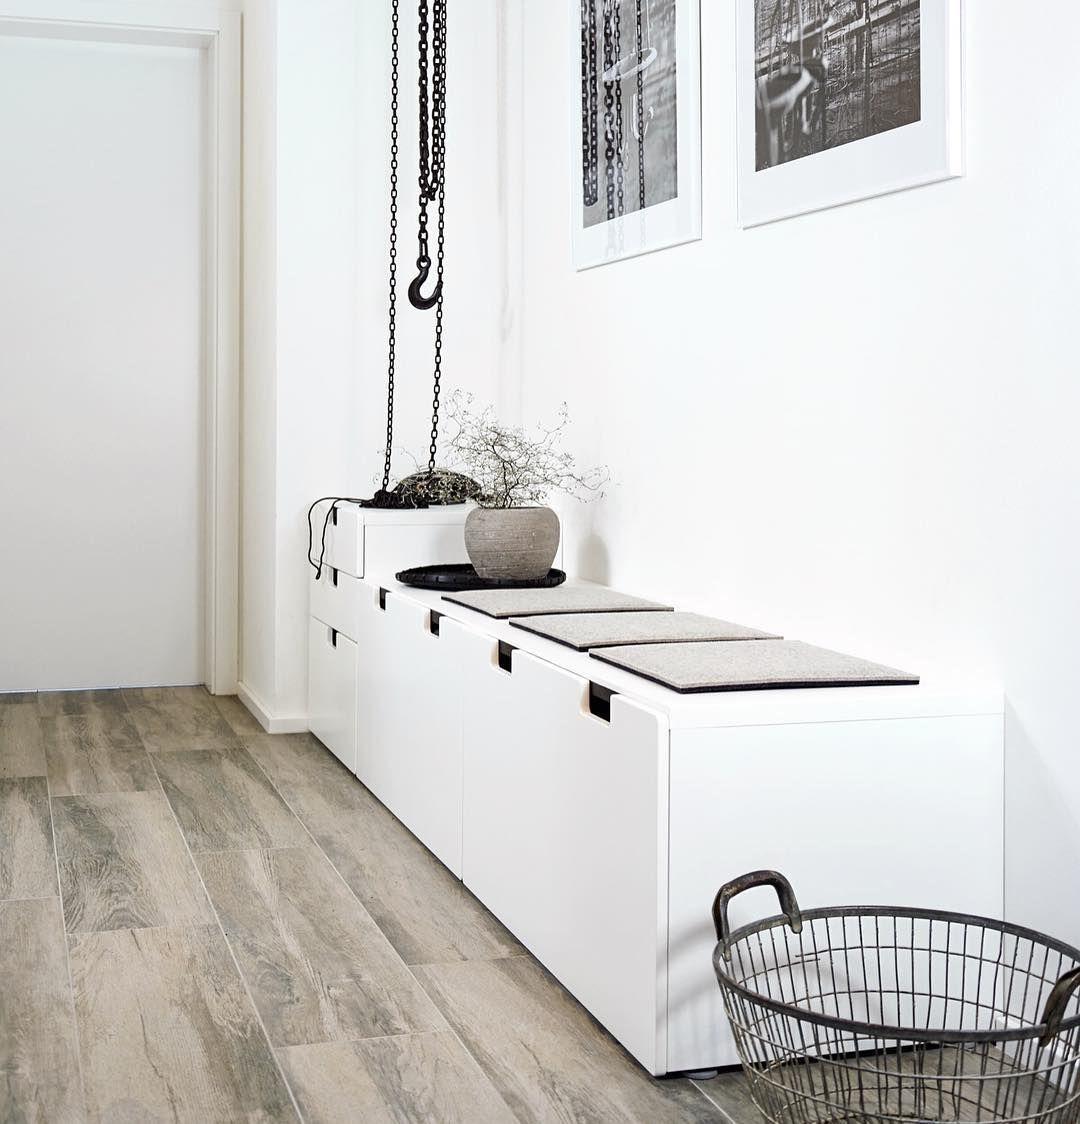 gro e schubladenelemente im flur sind sehr praktisch wenn man nicht gerade etwas sucht. Black Bedroom Furniture Sets. Home Design Ideas